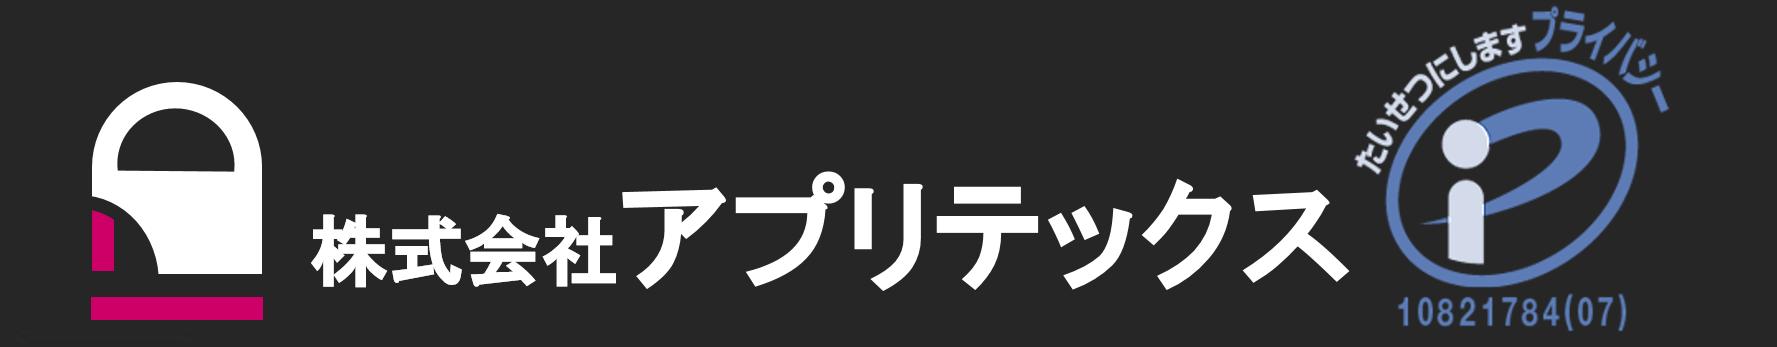 スタッフWin 株式会社アプリテックス